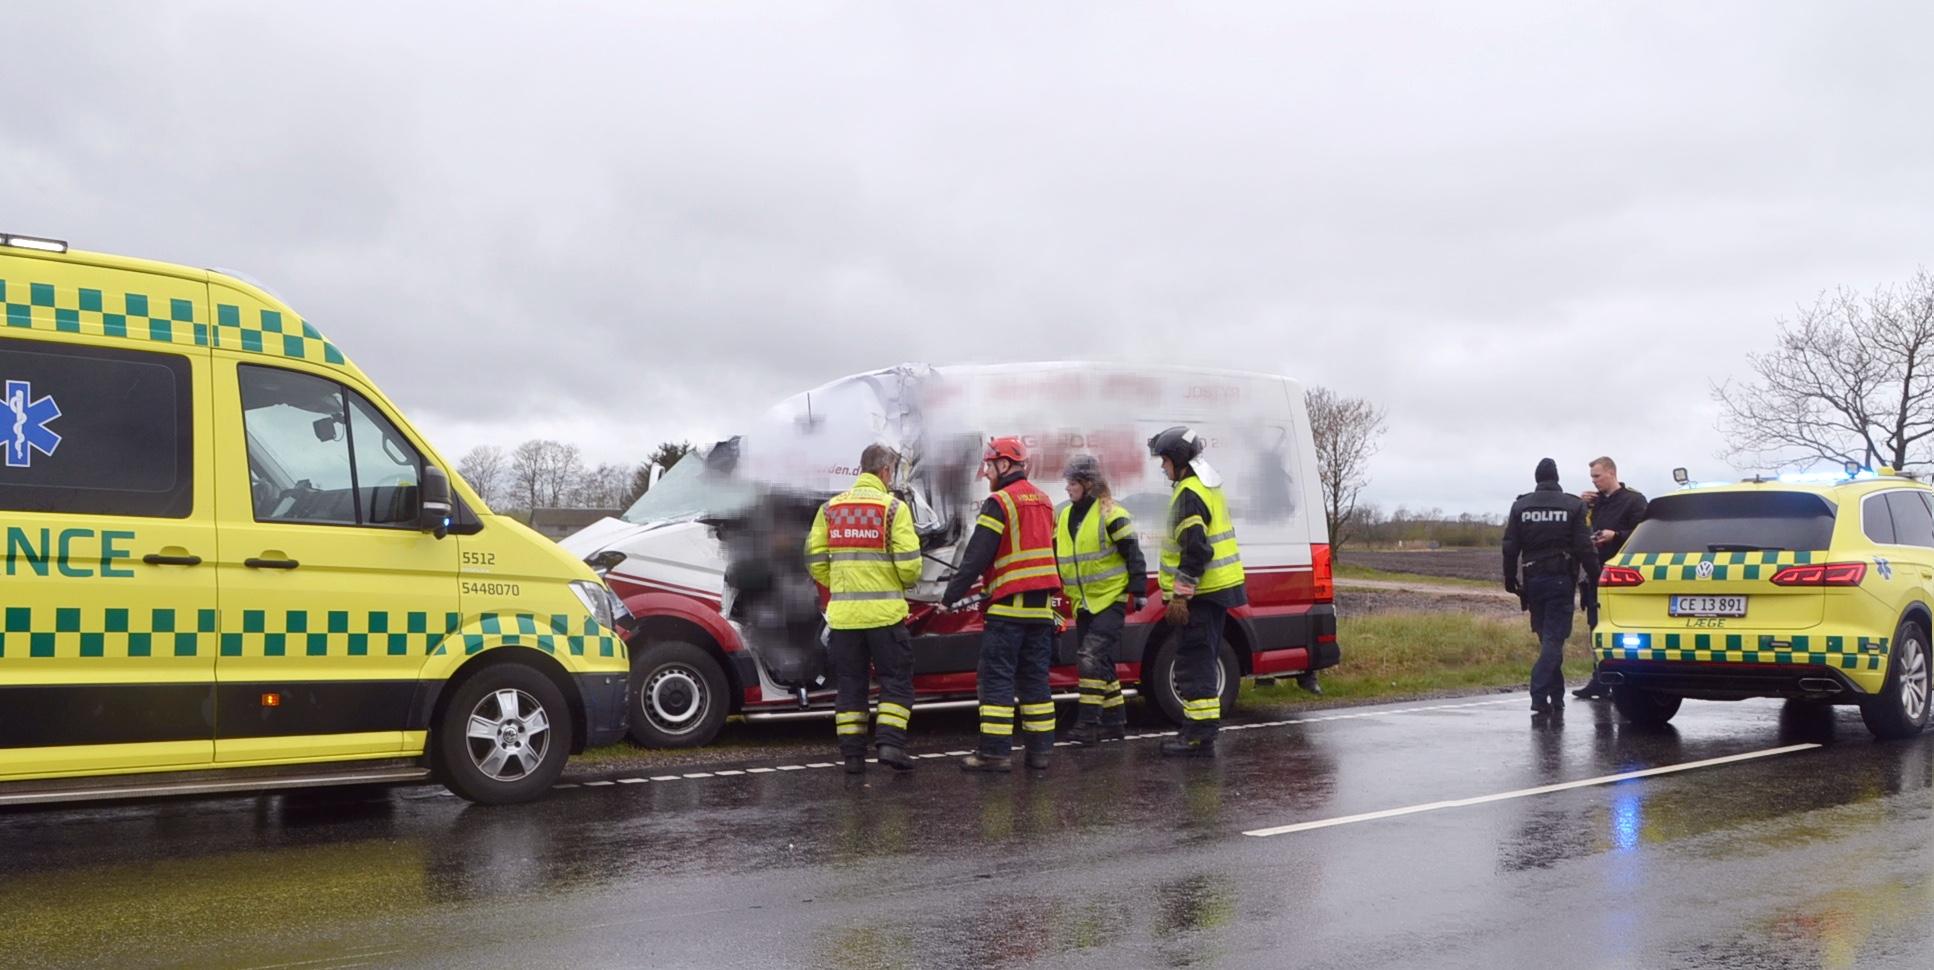 Voldsom ulykke med lastbil og varevogn